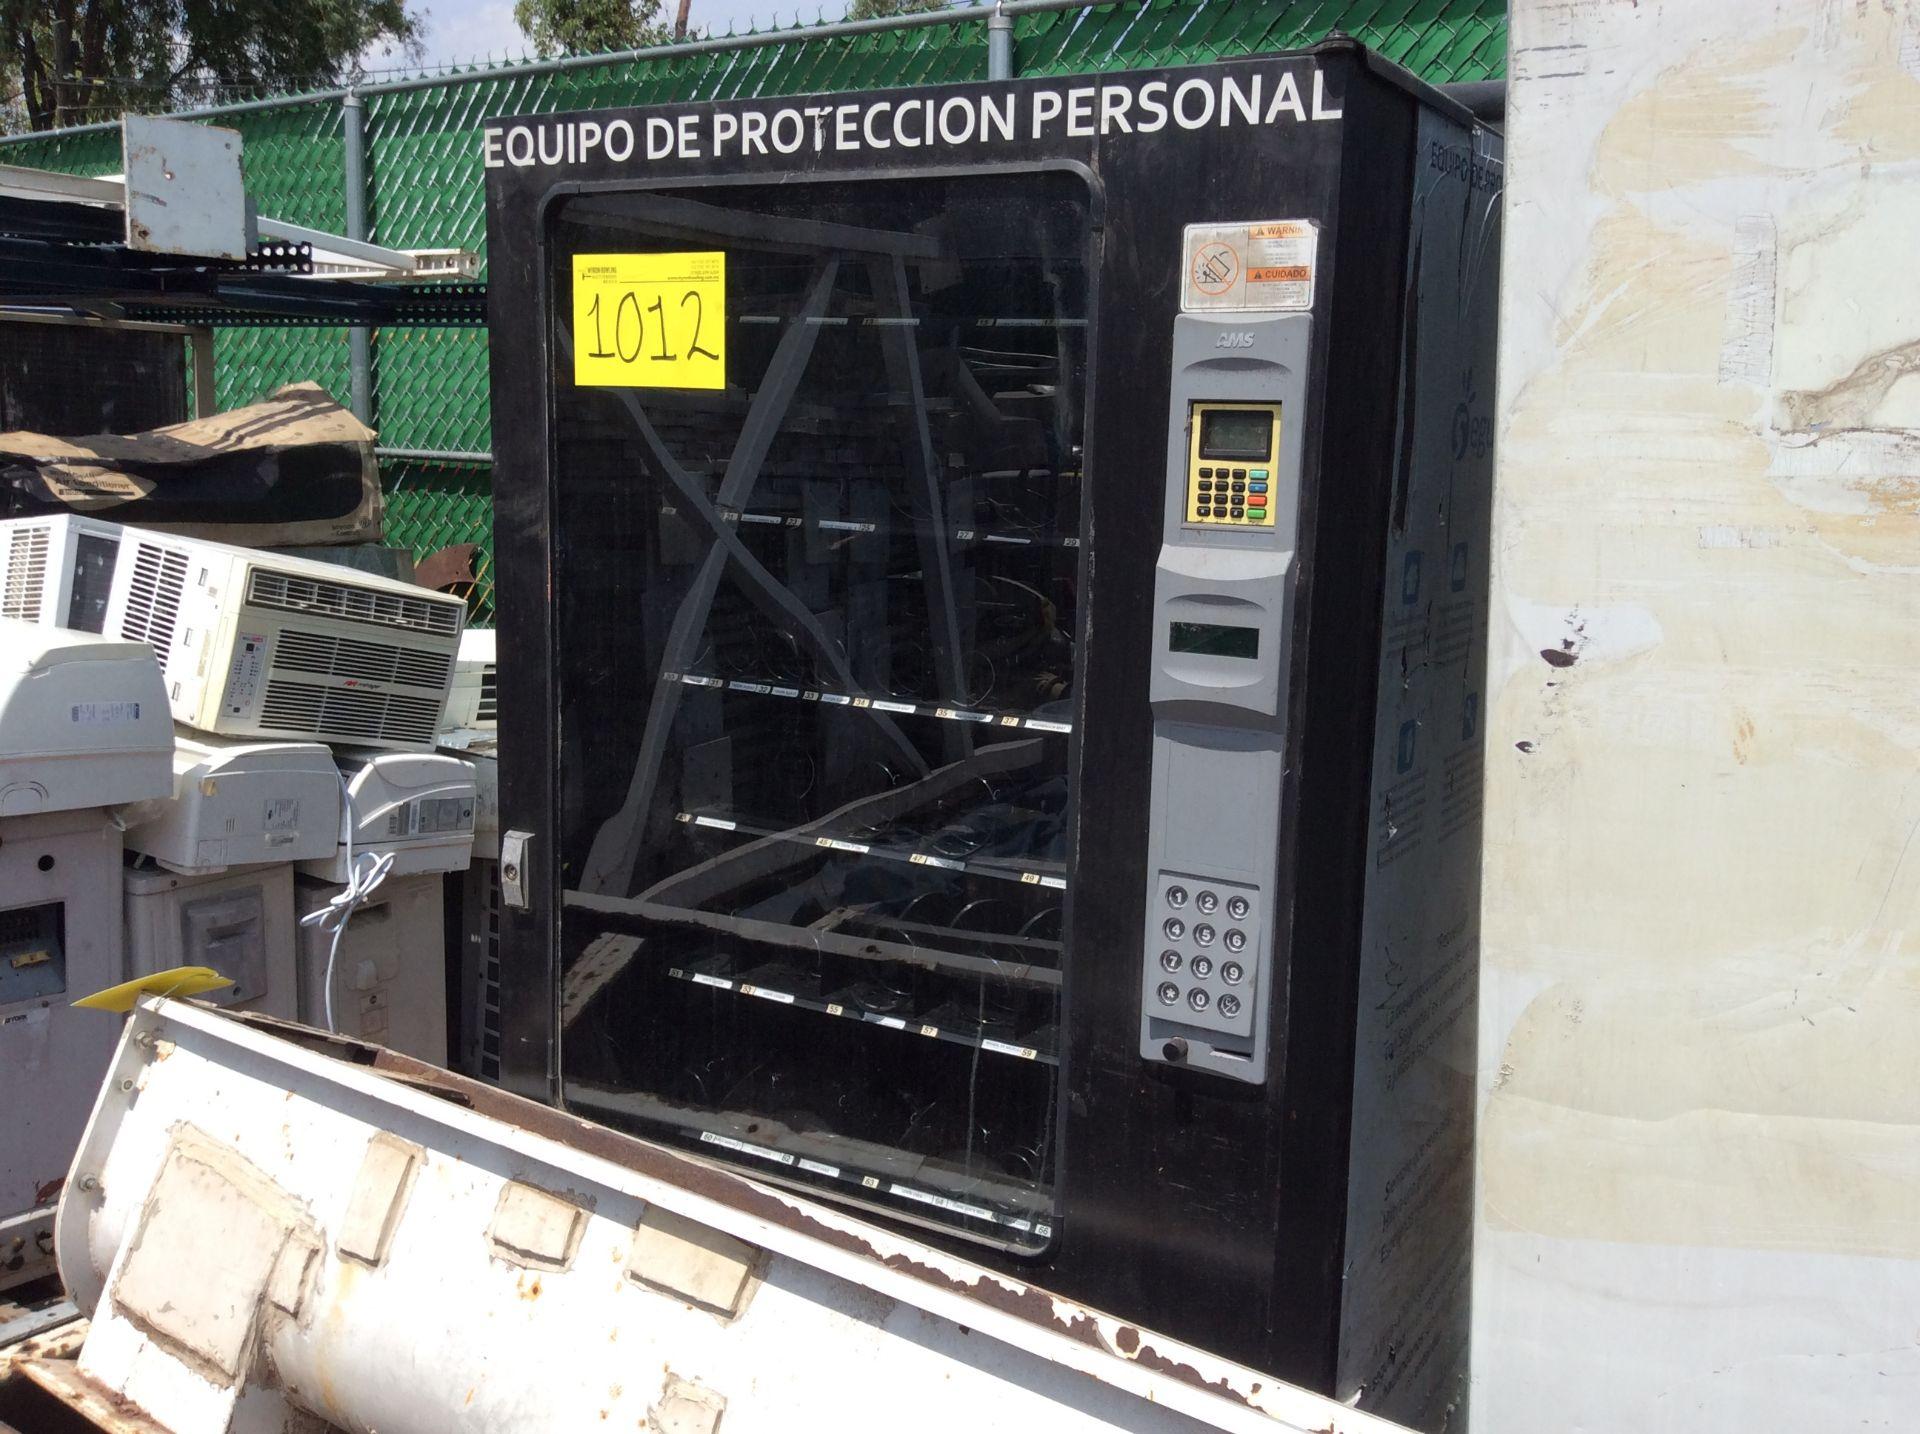 1 AMS Vending machine, 1 Hobart dishwasher - Image 4 of 11